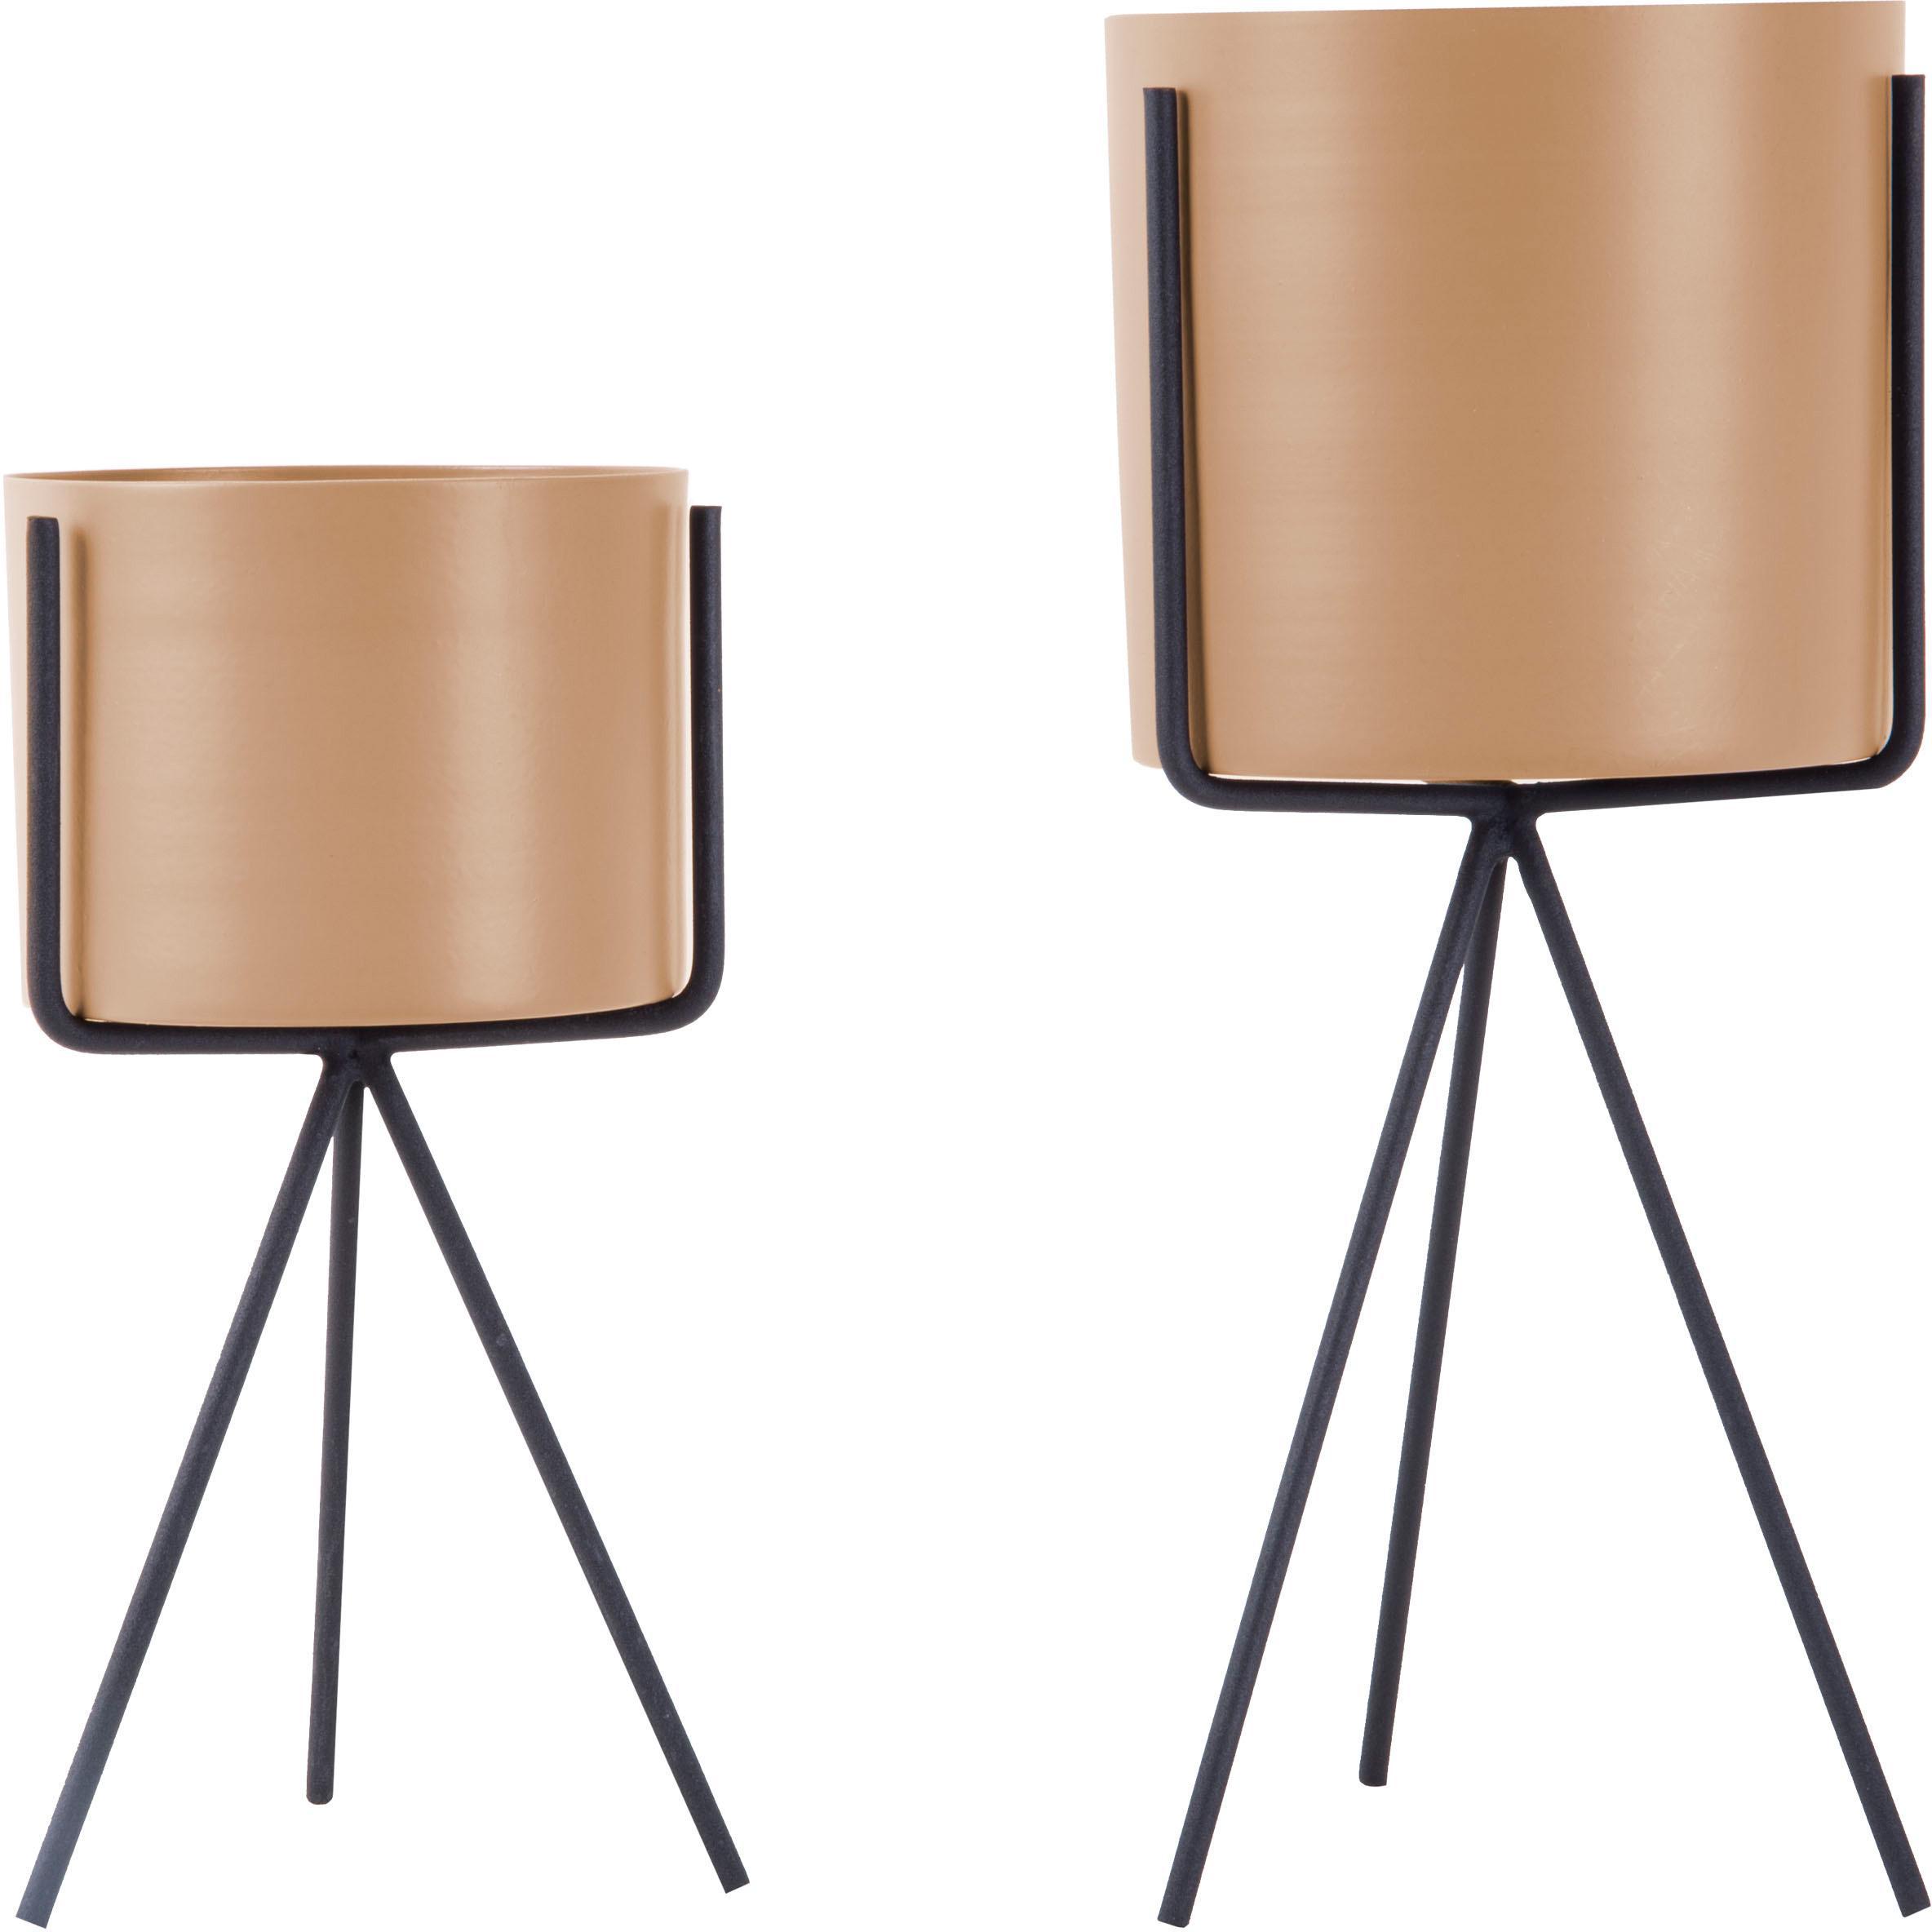 Übertöpfe-Set Pedestal, 2-tlg., Metall, beschichtet, Sandfarben, Schwarz, Ø 13 x H 30 cm